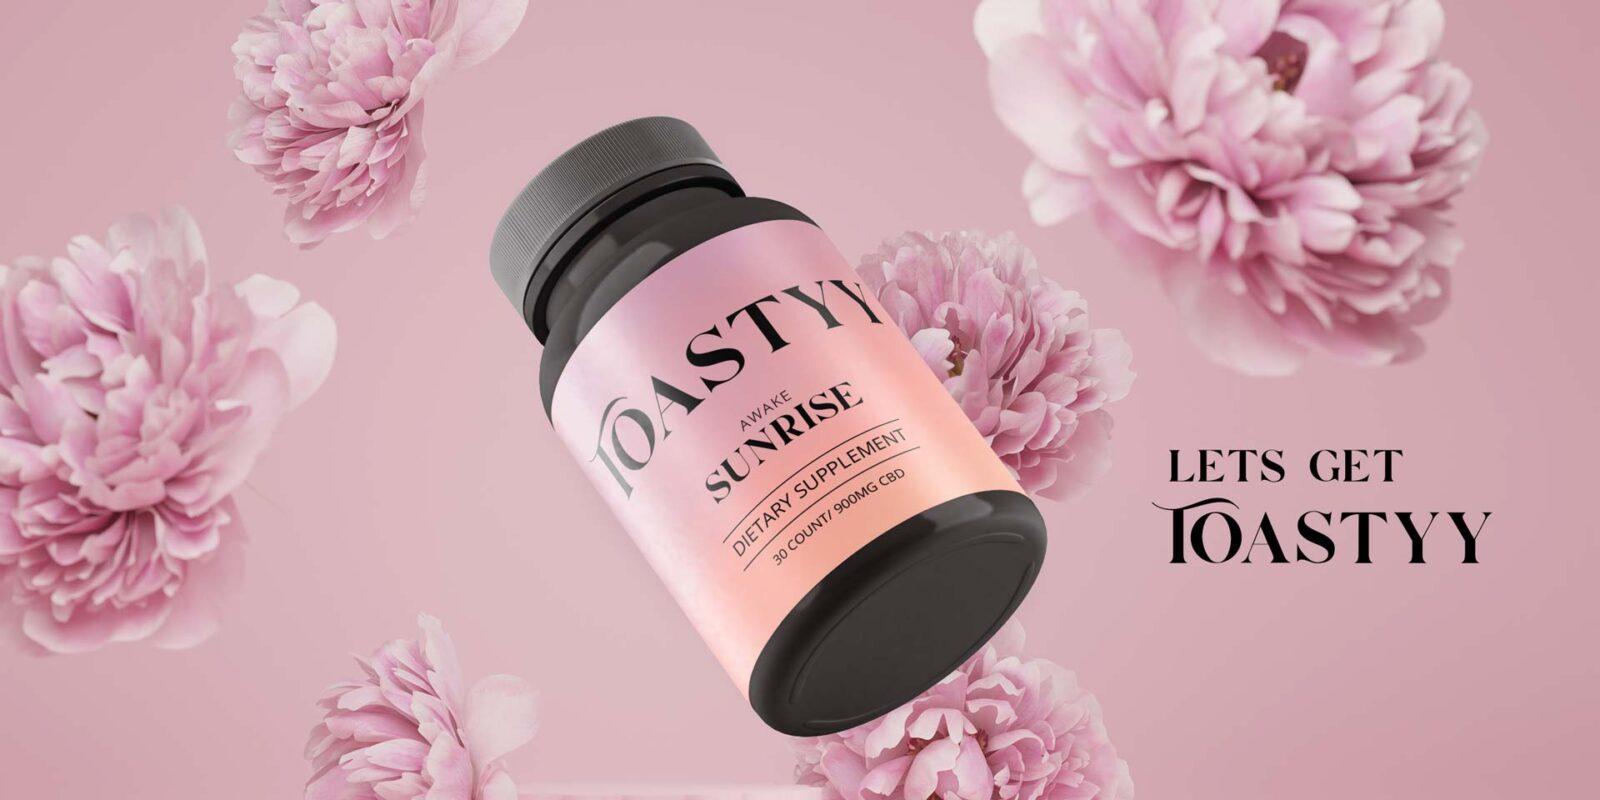 toastyy cbd dietary supplements